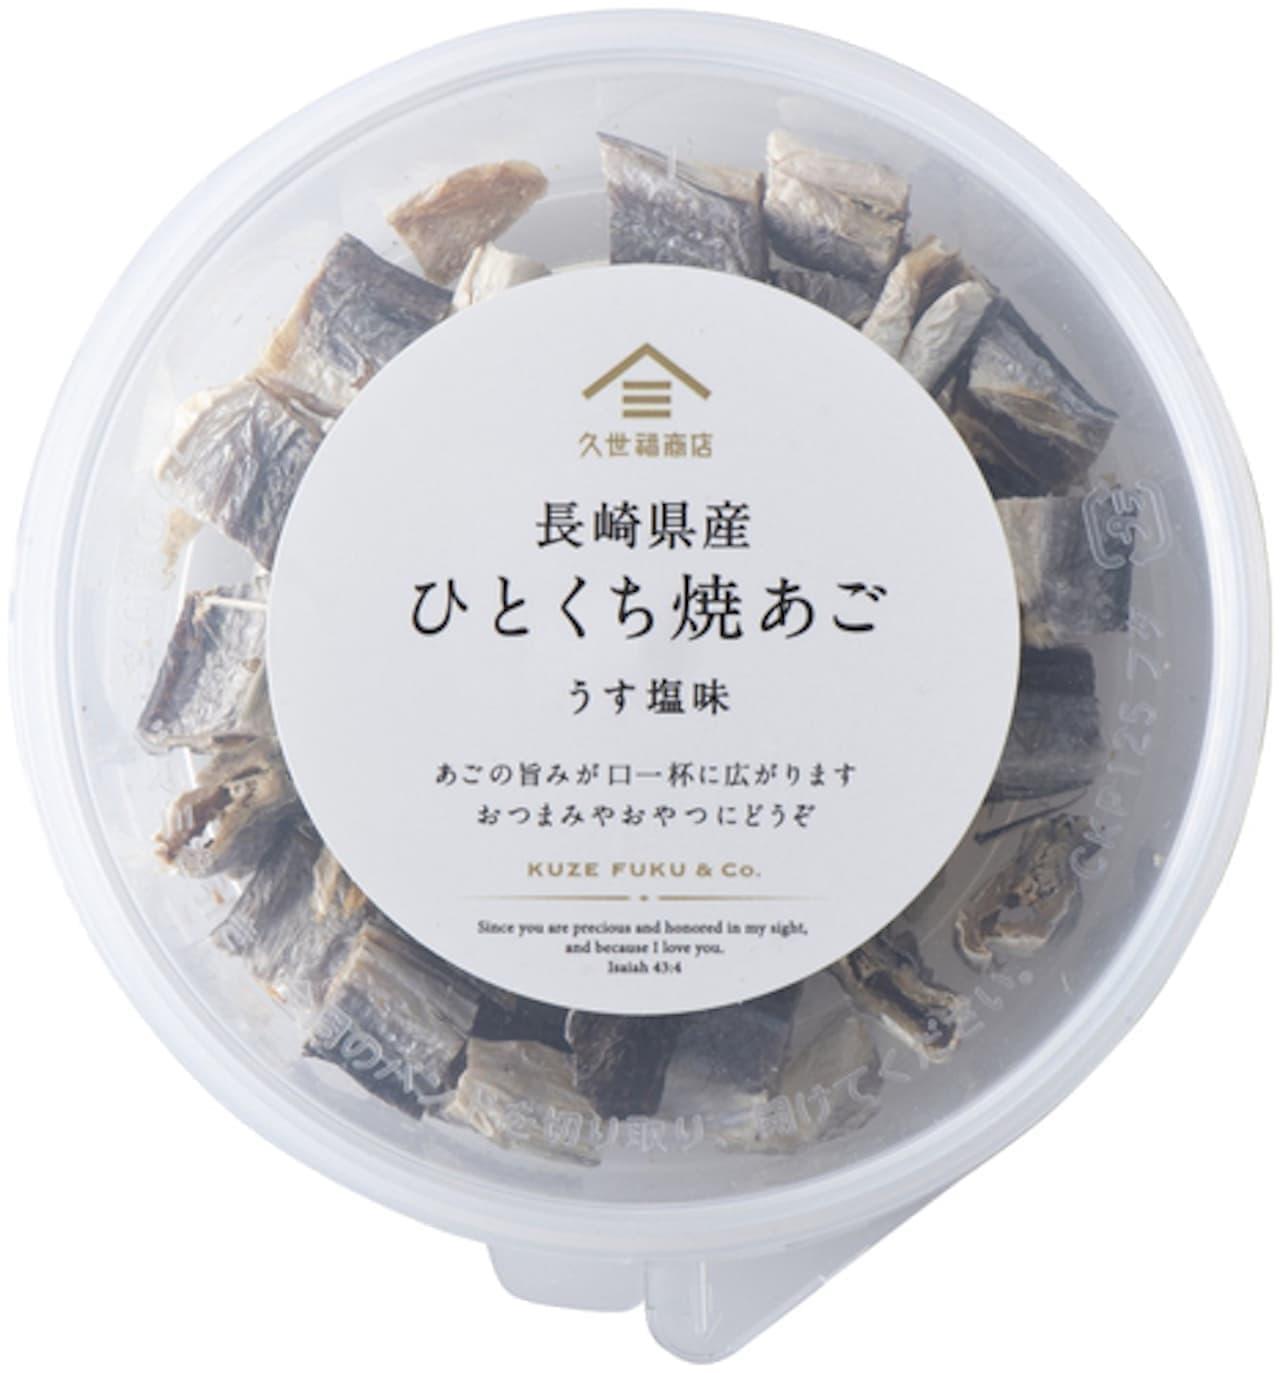 久世福商店「長崎県産 ひとくち焼あご」